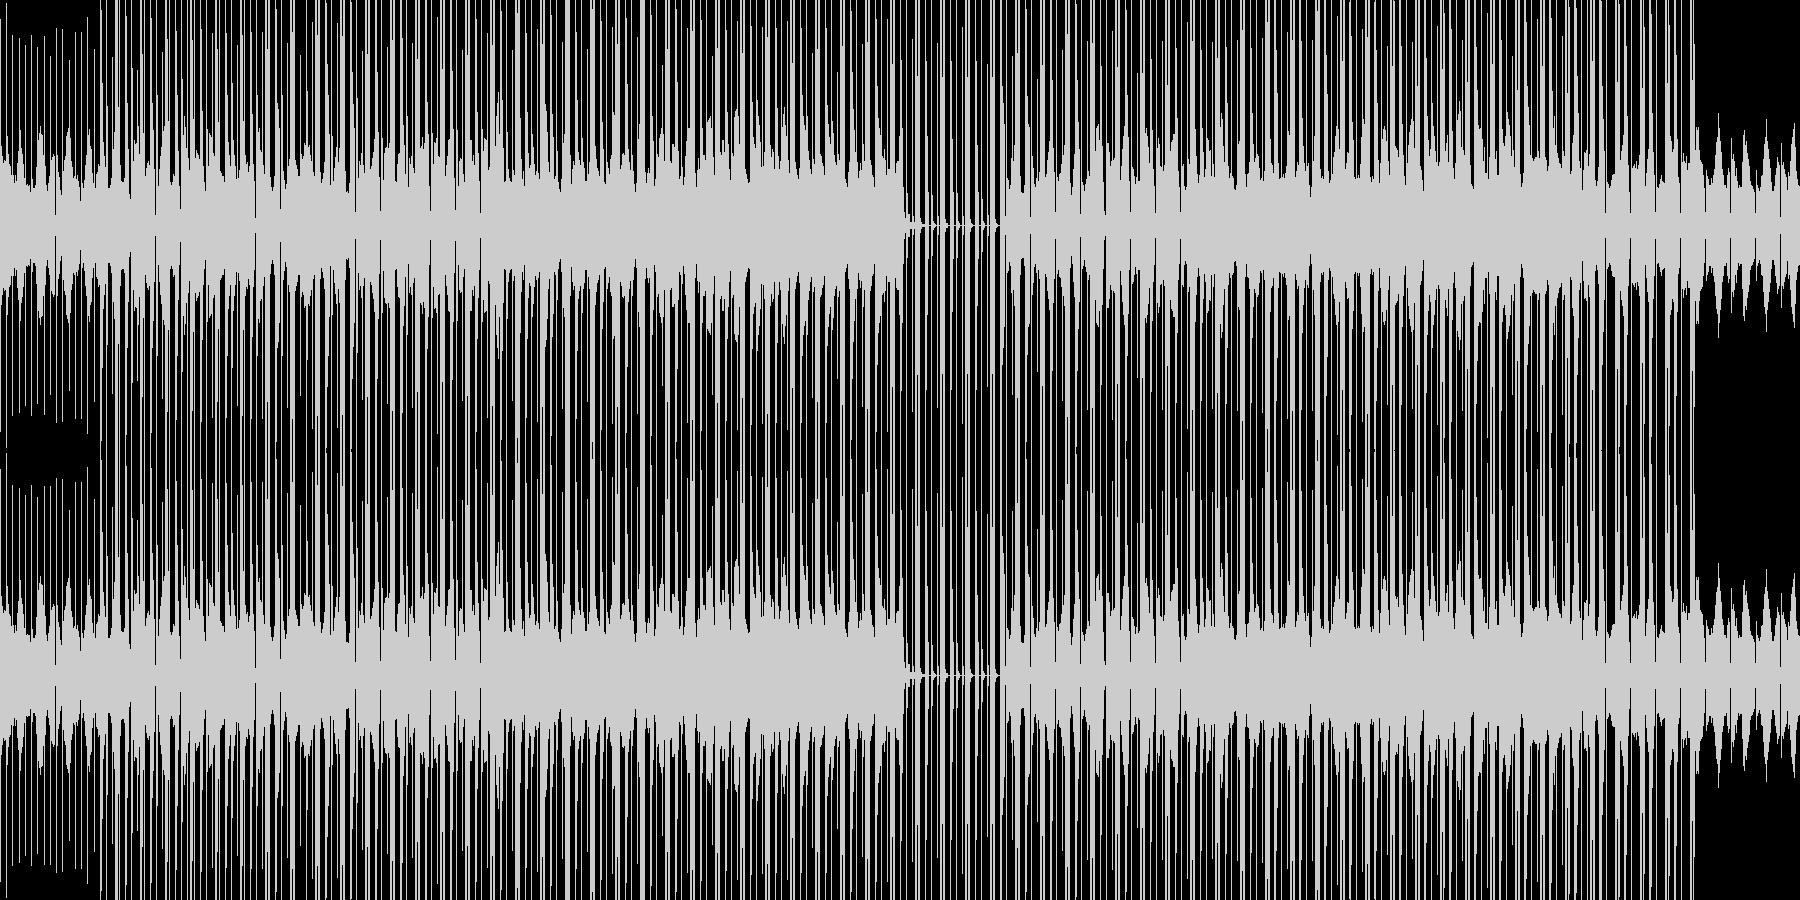 ボス戦orダンジョンBGMの未再生の波形